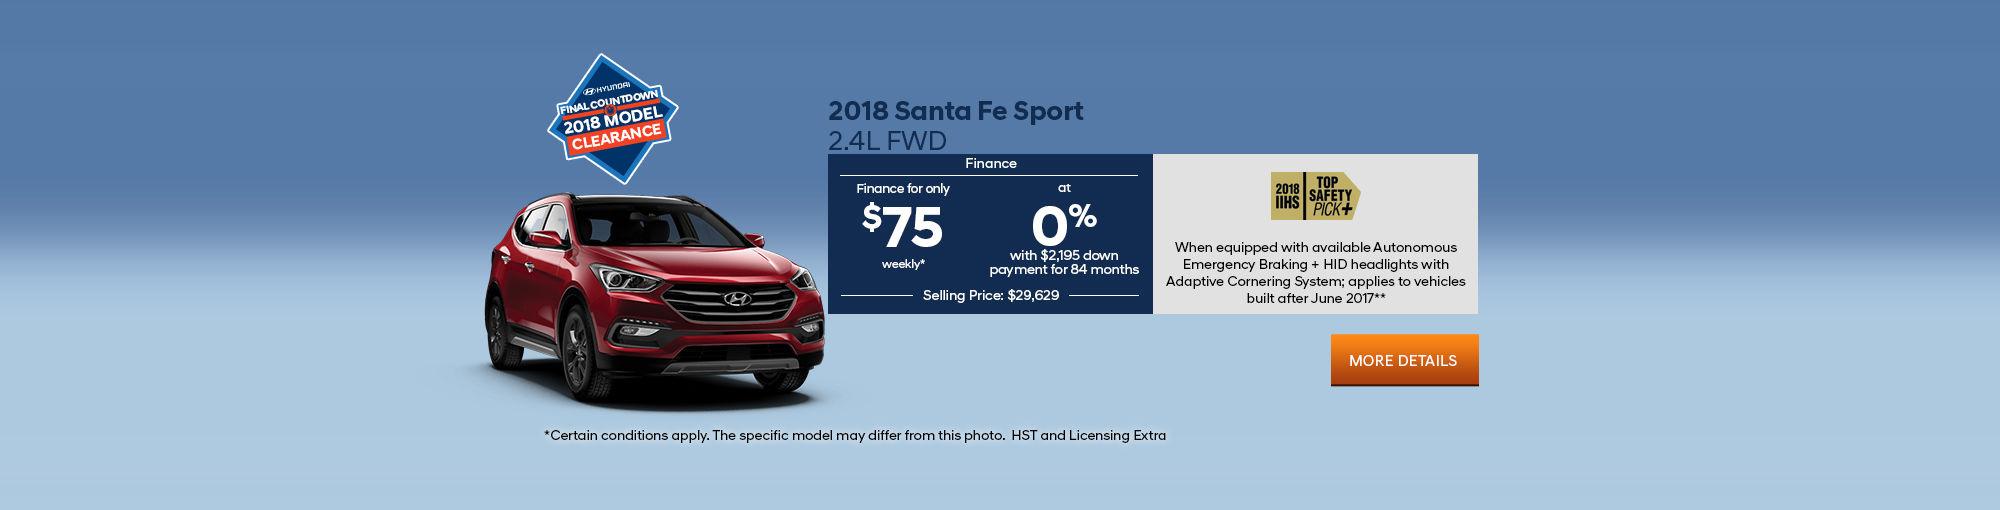 2018 Santa Fe